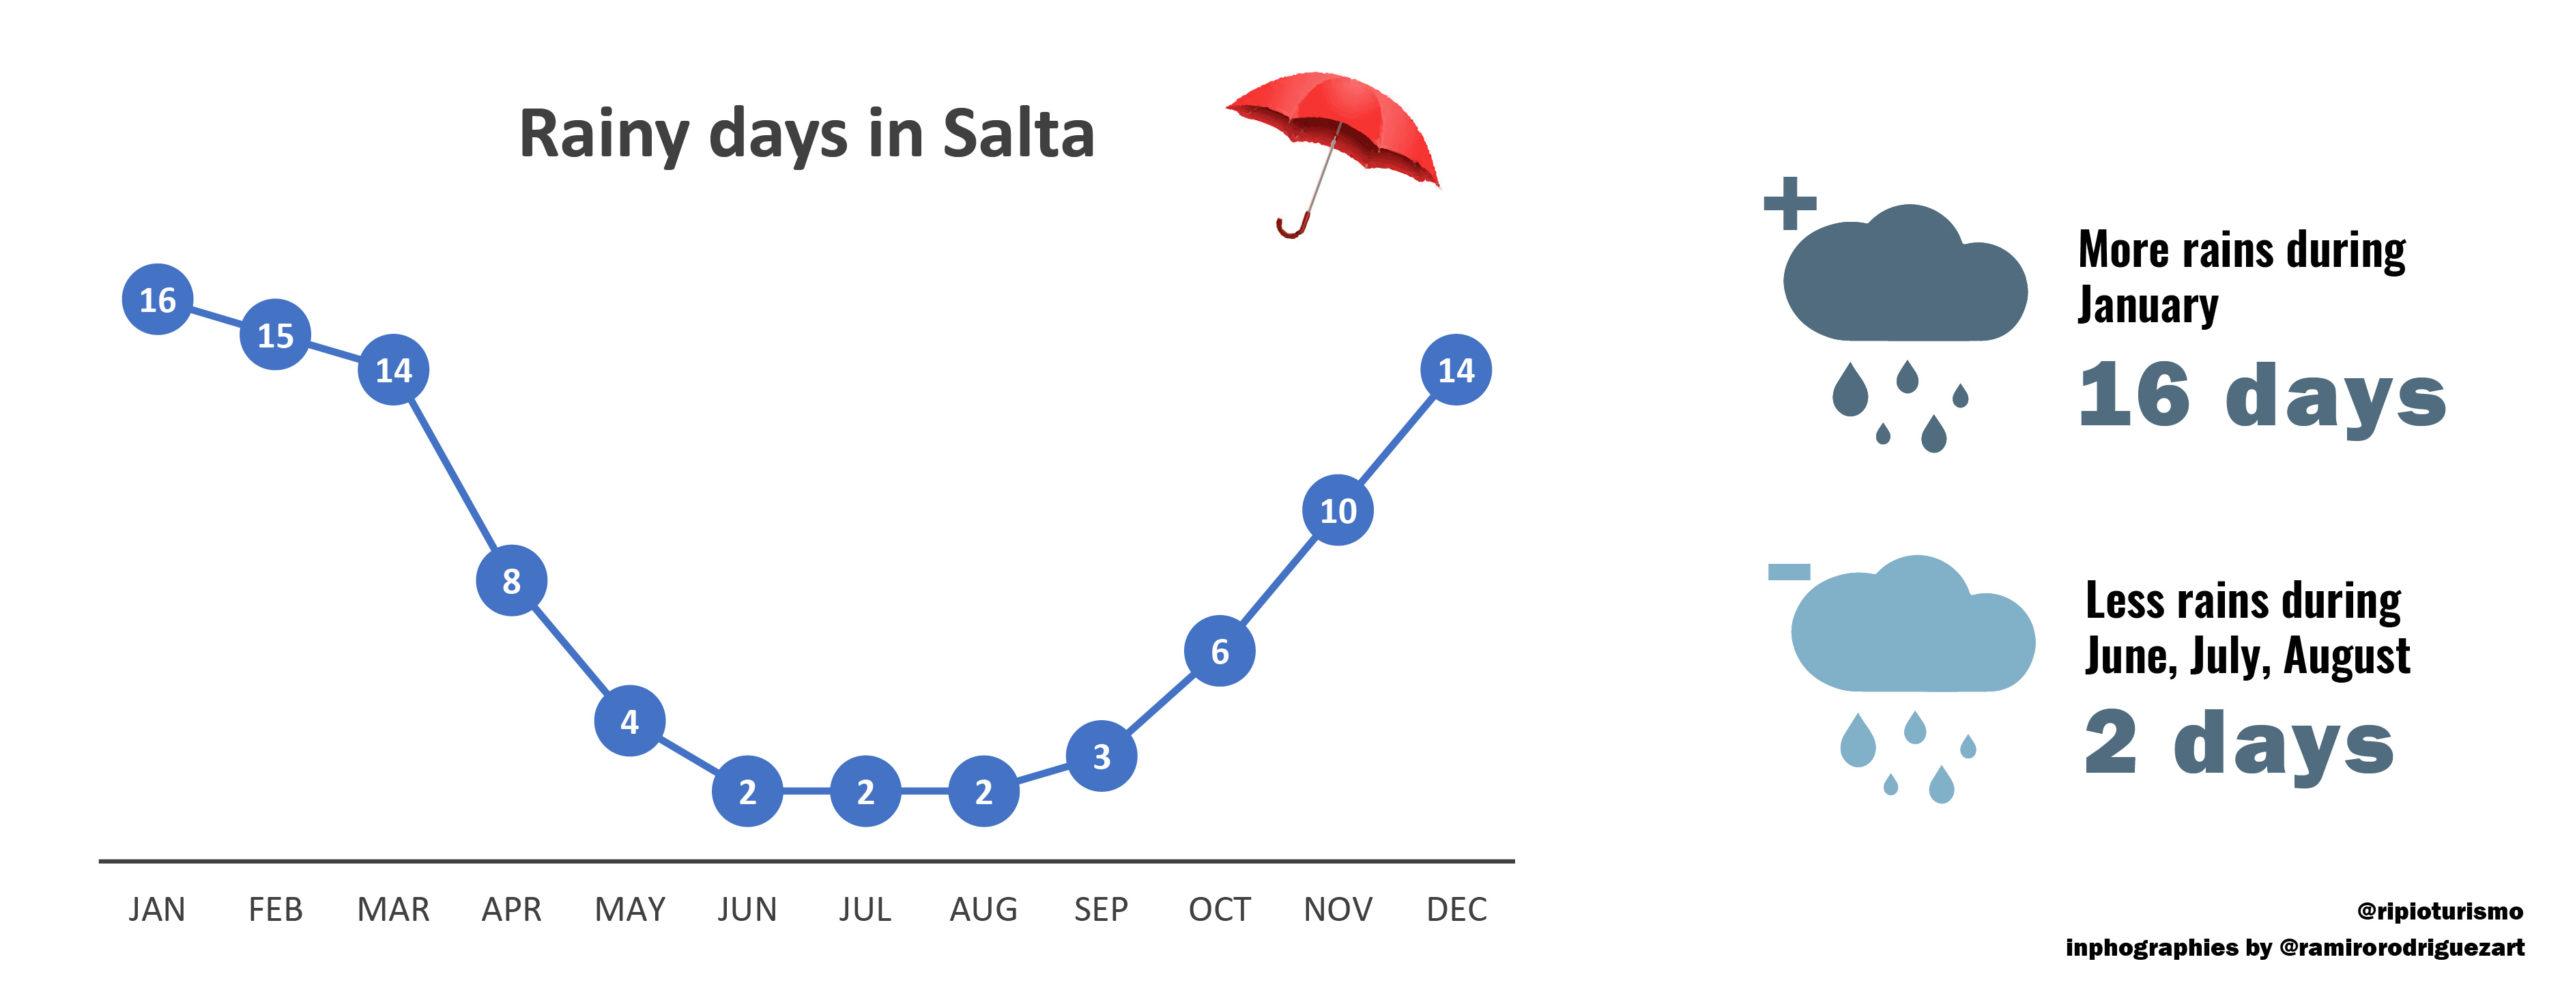 Raining season in Salta and argentinian northwest - RipioTurismo DMC for ARgentina